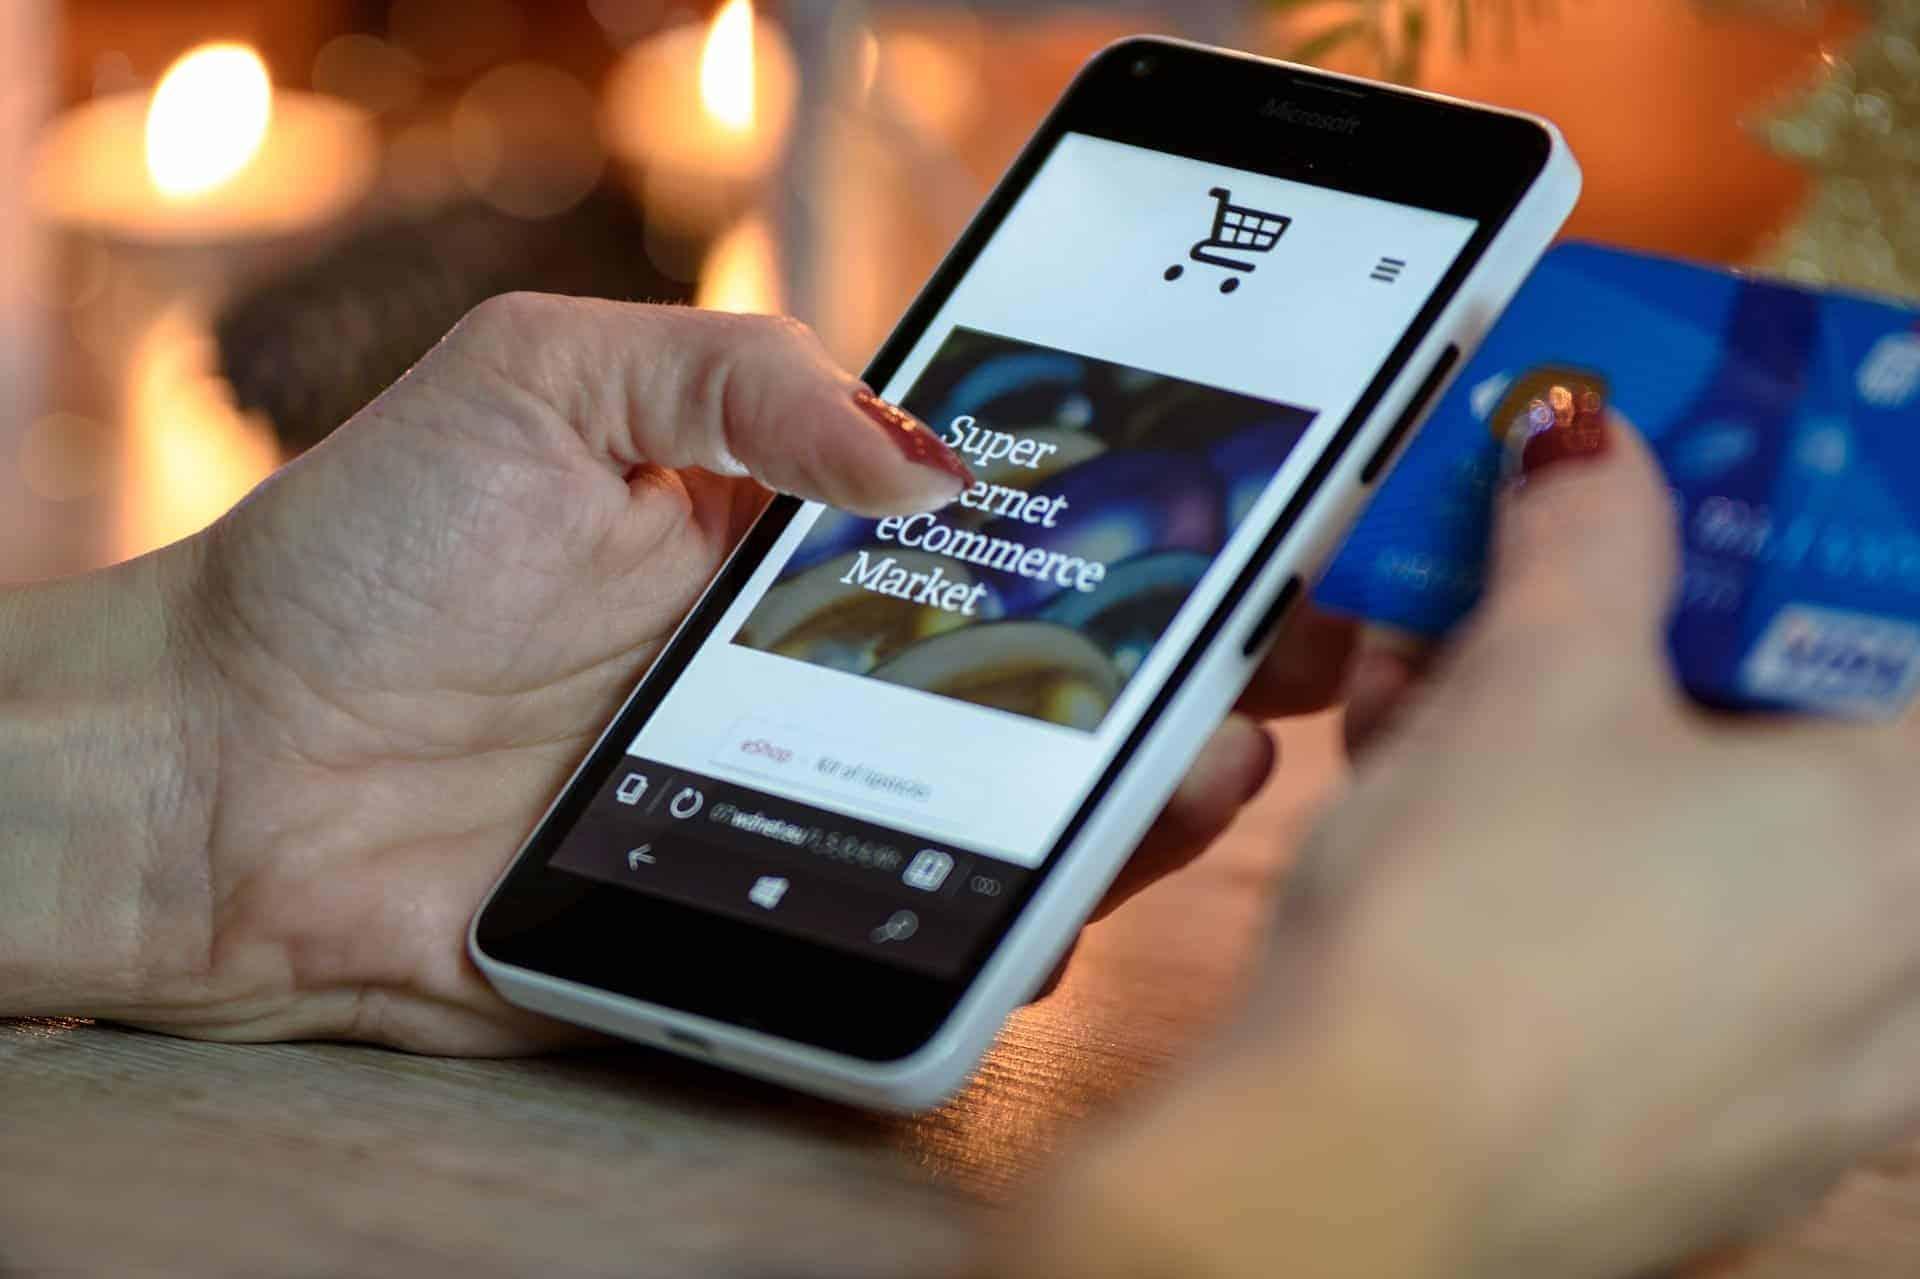 Check-Out: Wenn es beim Bezahlvorgang hakt, schaut der Shopbetreiber in die Röhre. <q>Pixabay/PhotoMIX-Company